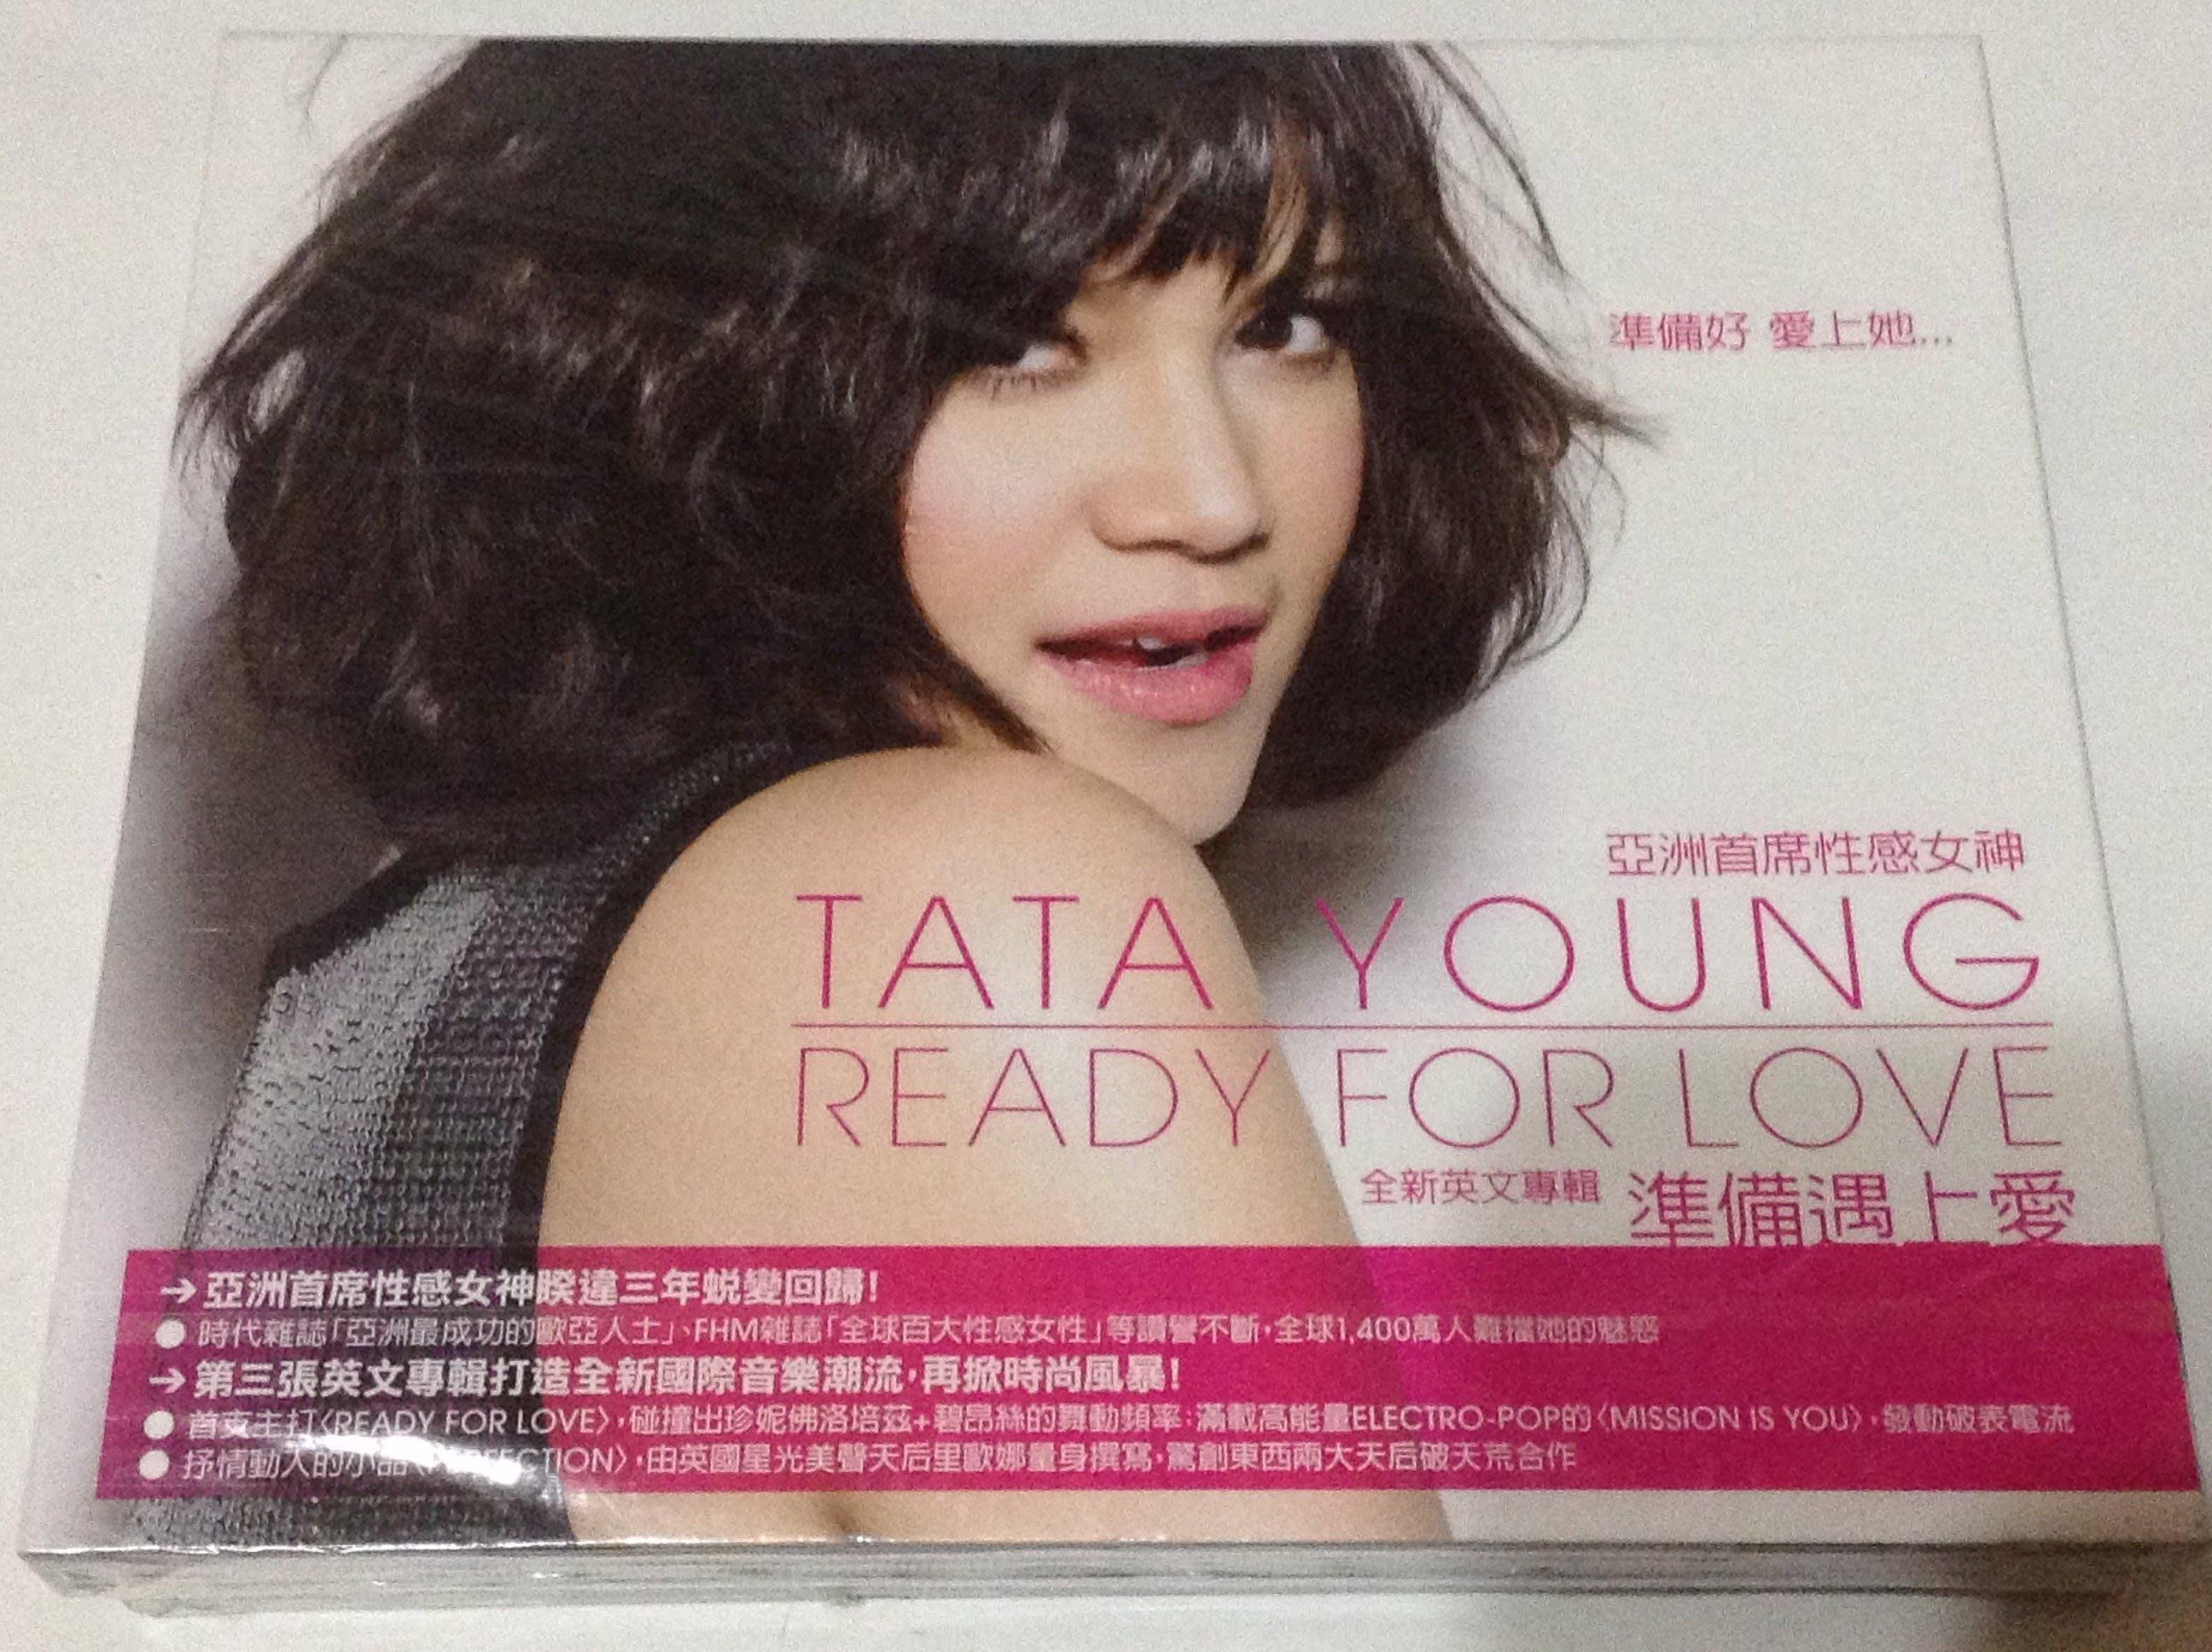 ~拉奇音樂~Tata Young 英文專輯 準備遇上愛 Ready For Love 全新未拆封 2